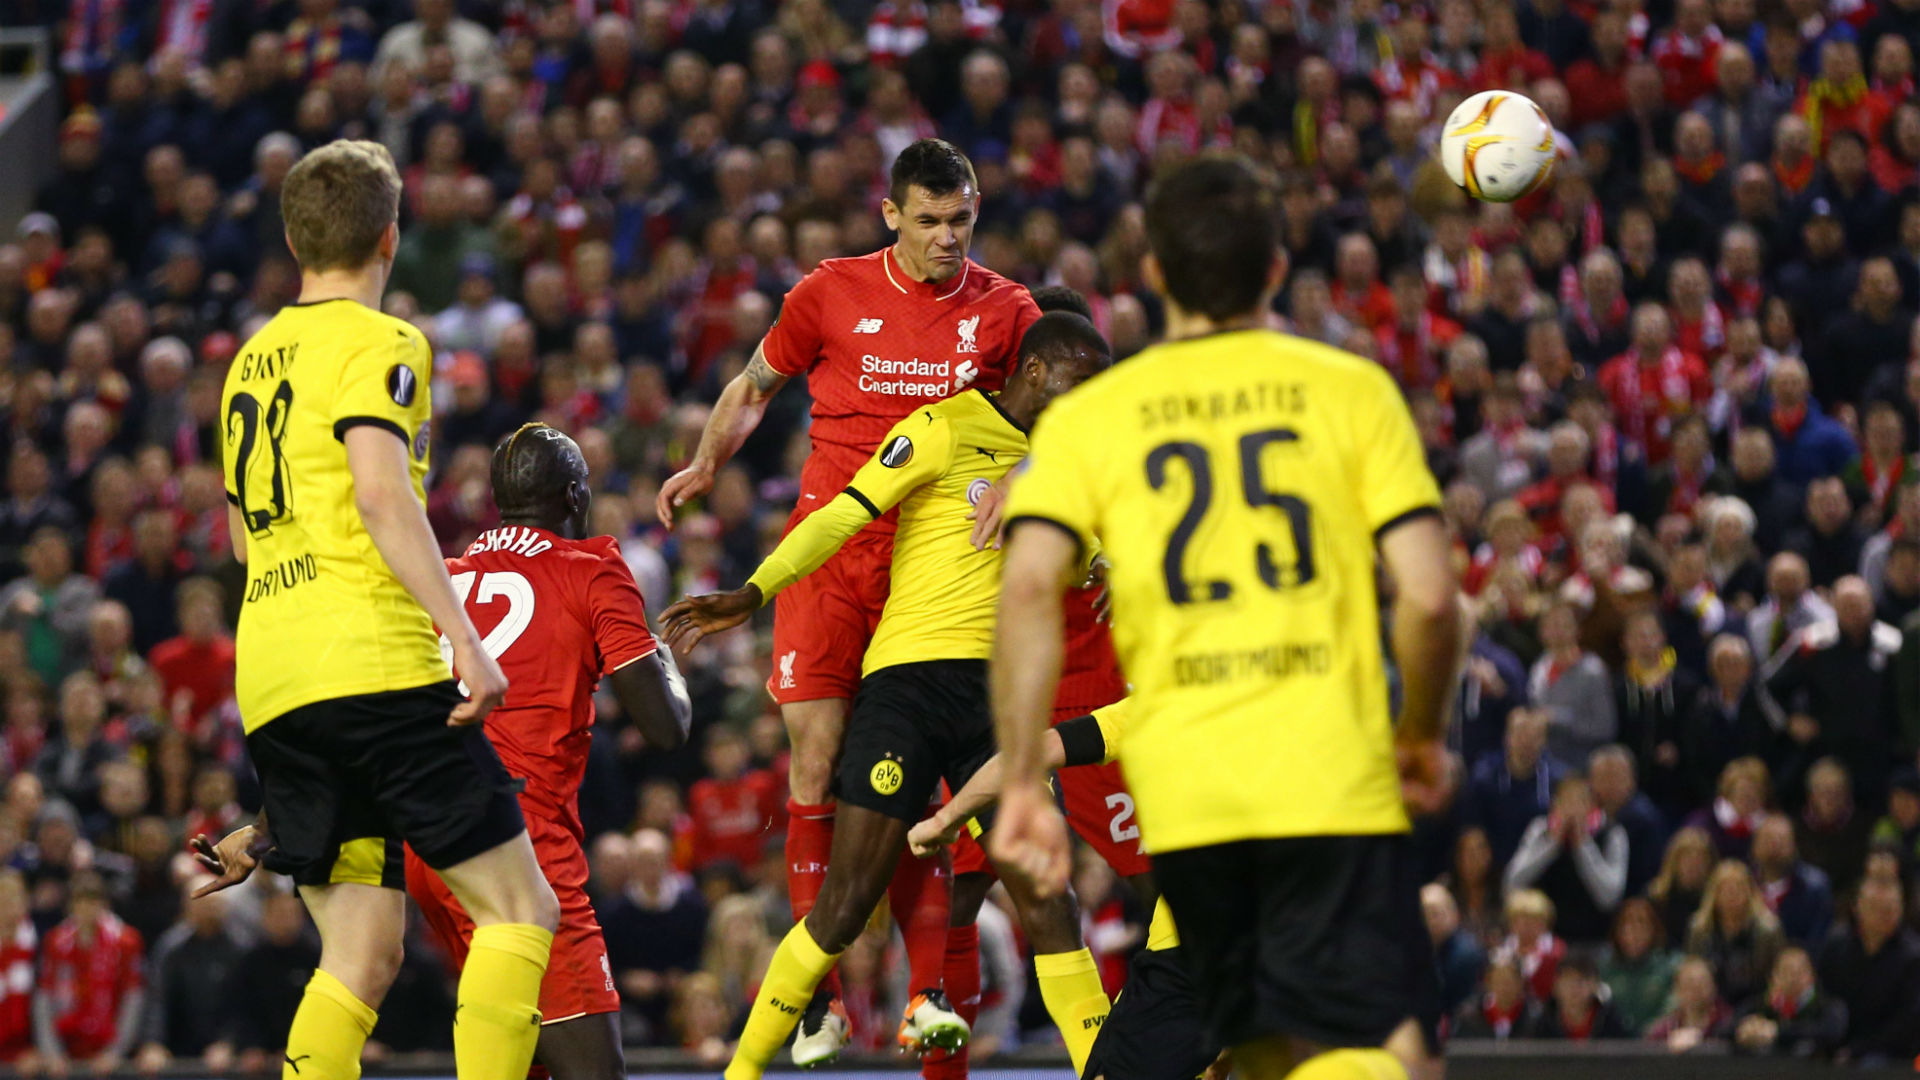 Dejan Lovren scores against Borussia Dortmund